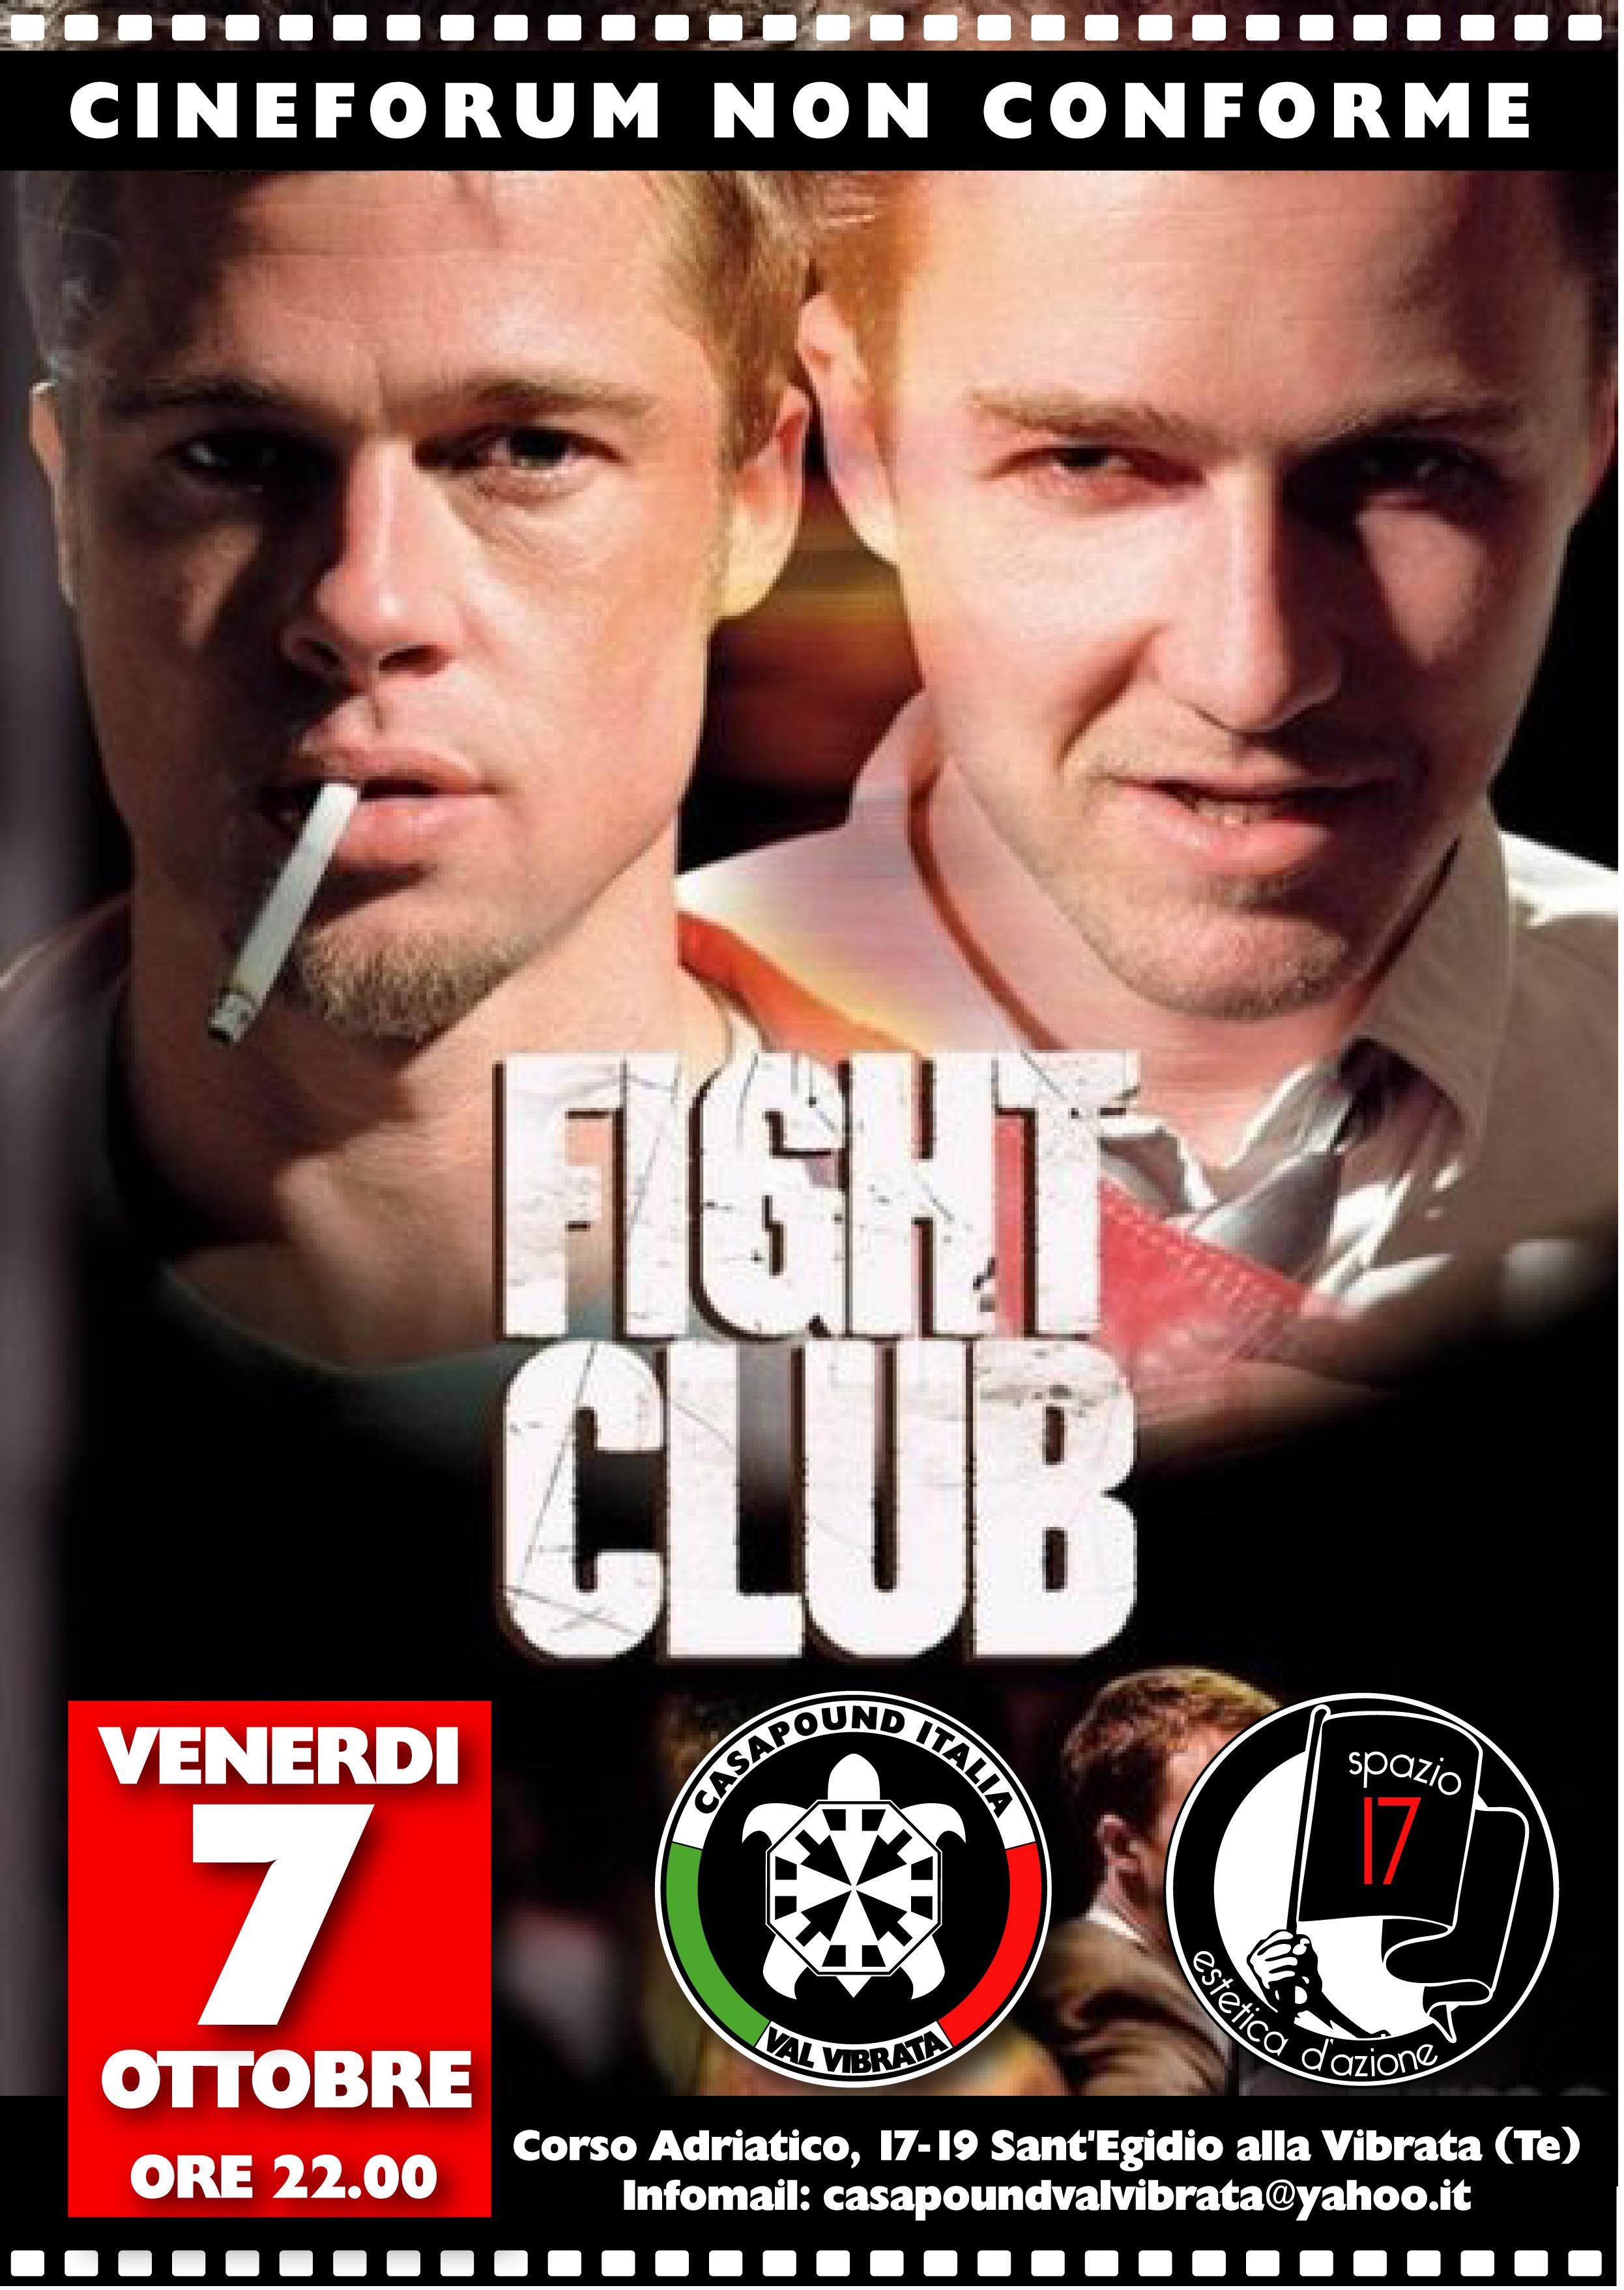 Смотреть онлайн бойцовский клуб 23 фотография